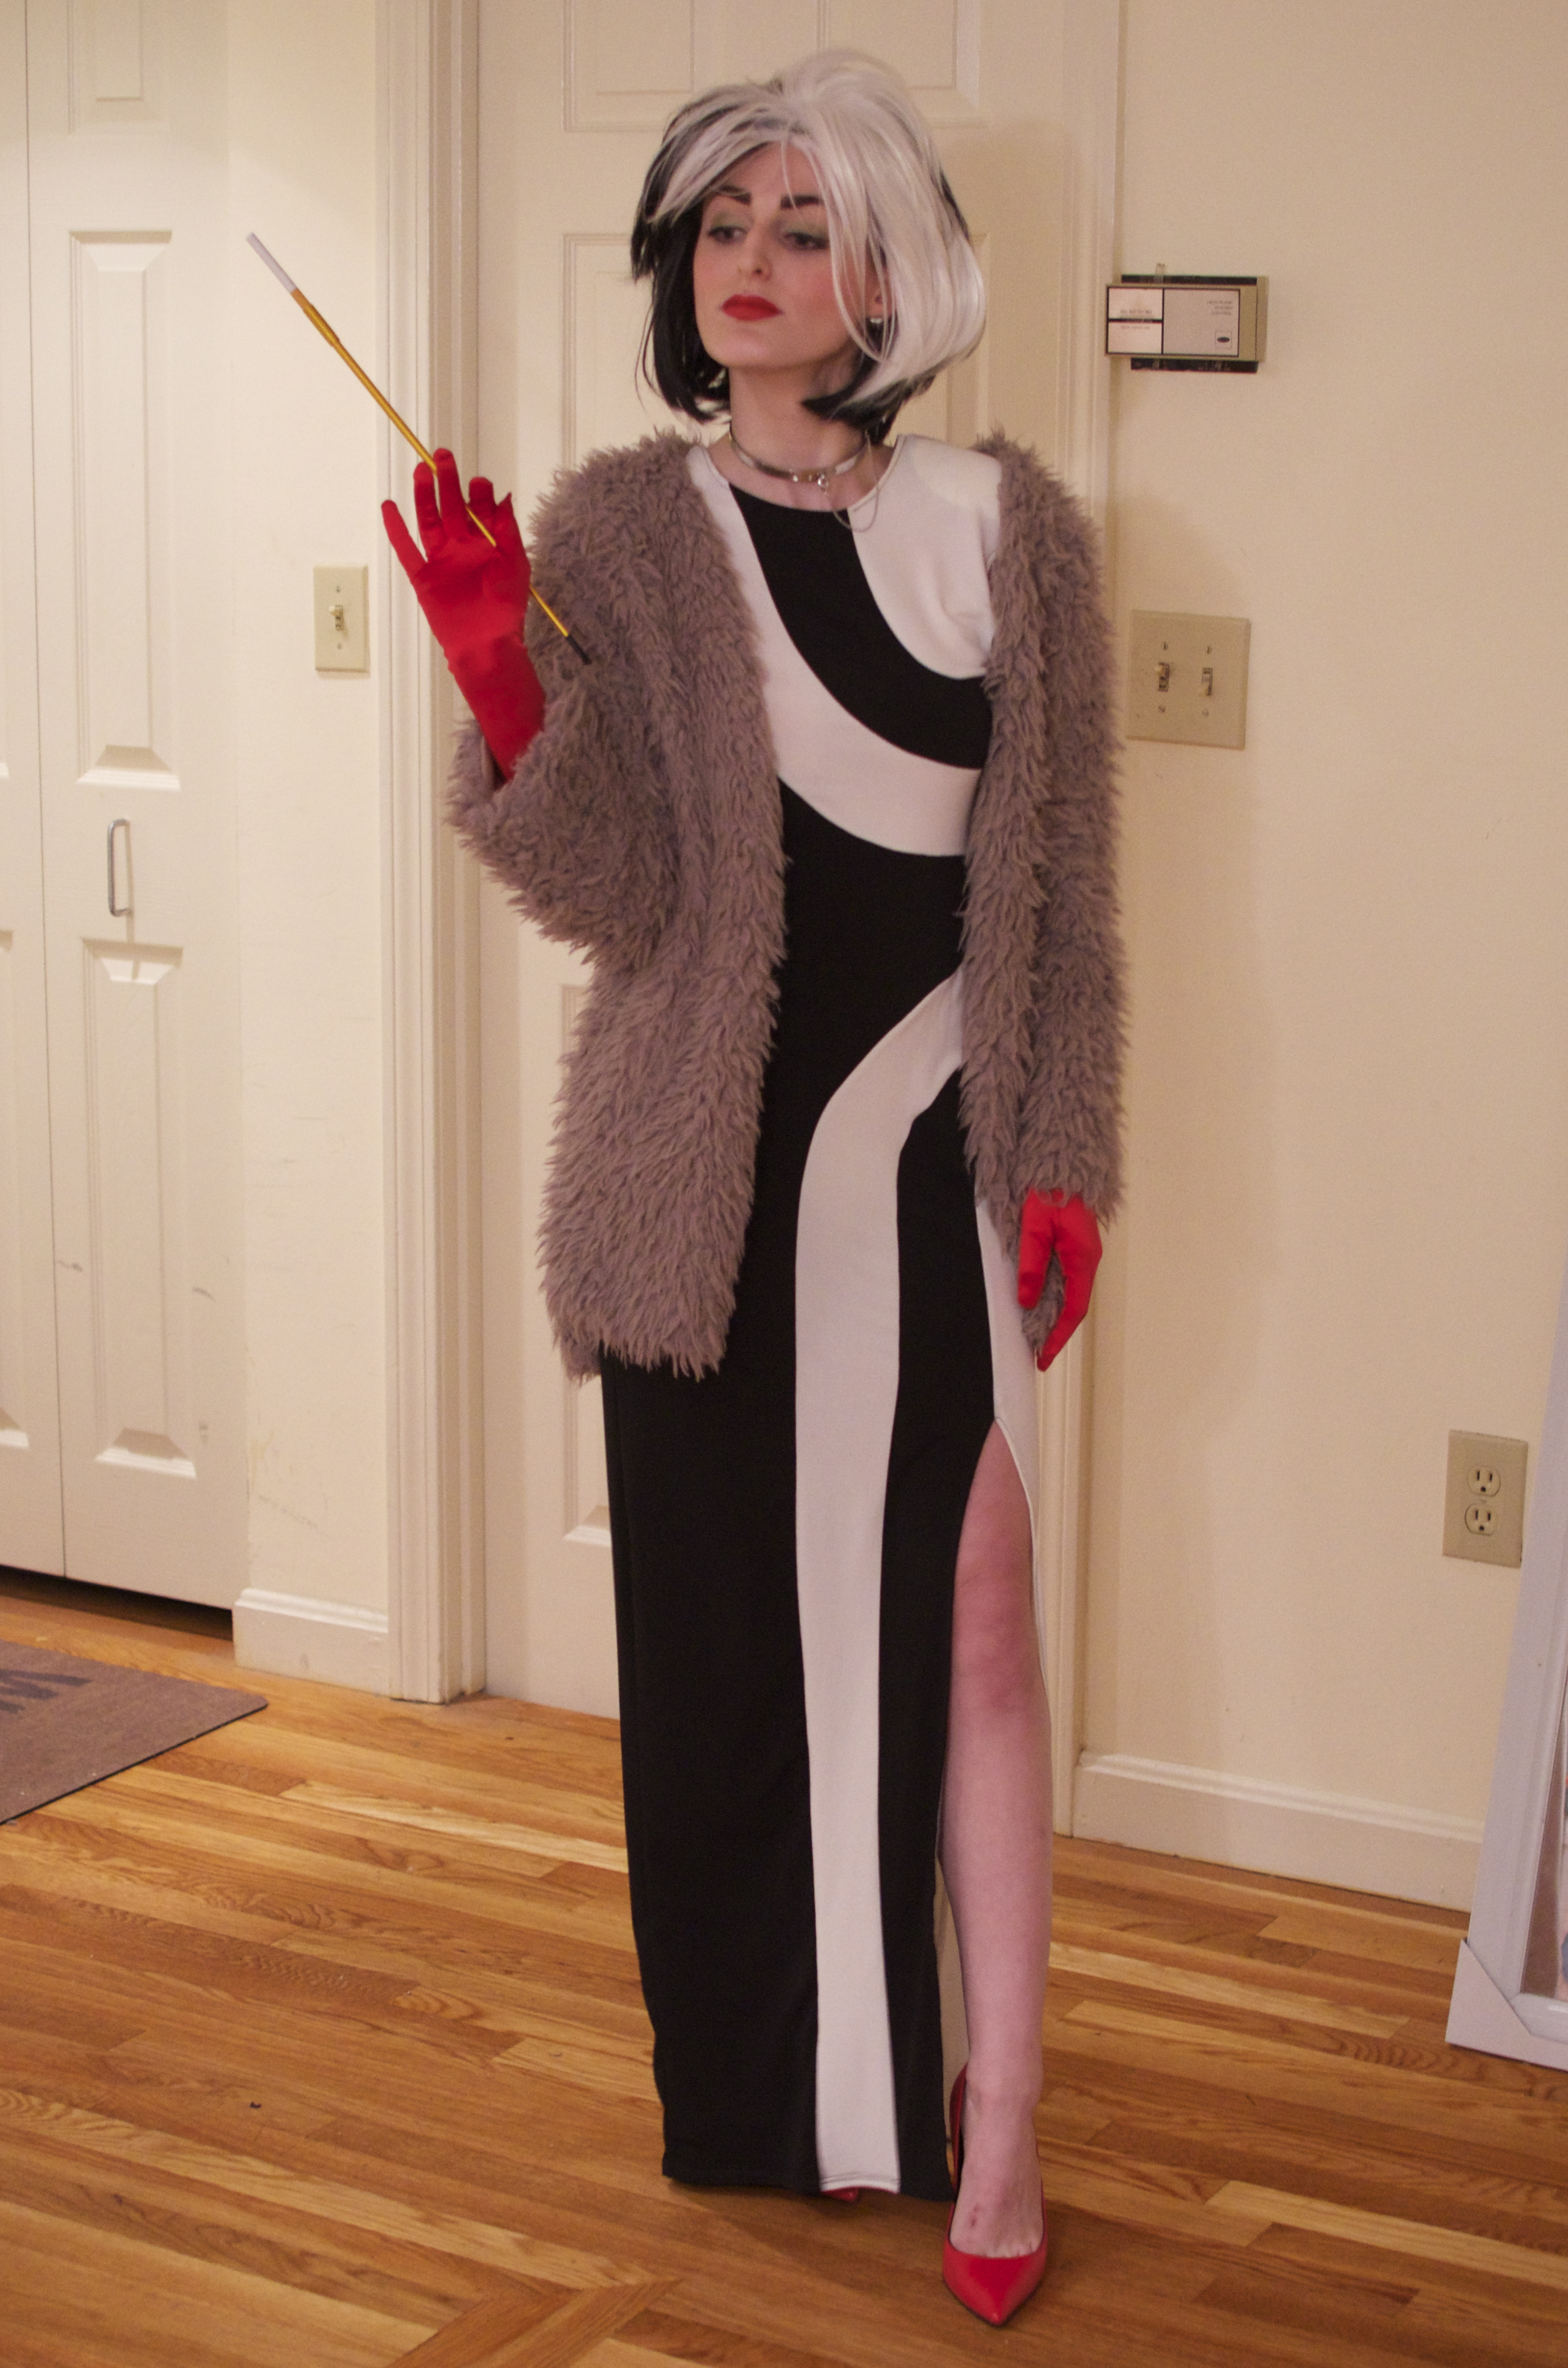 Cruella de vil flavors of fashion beauty in boston cruella de vil solutioingenieria Image collections